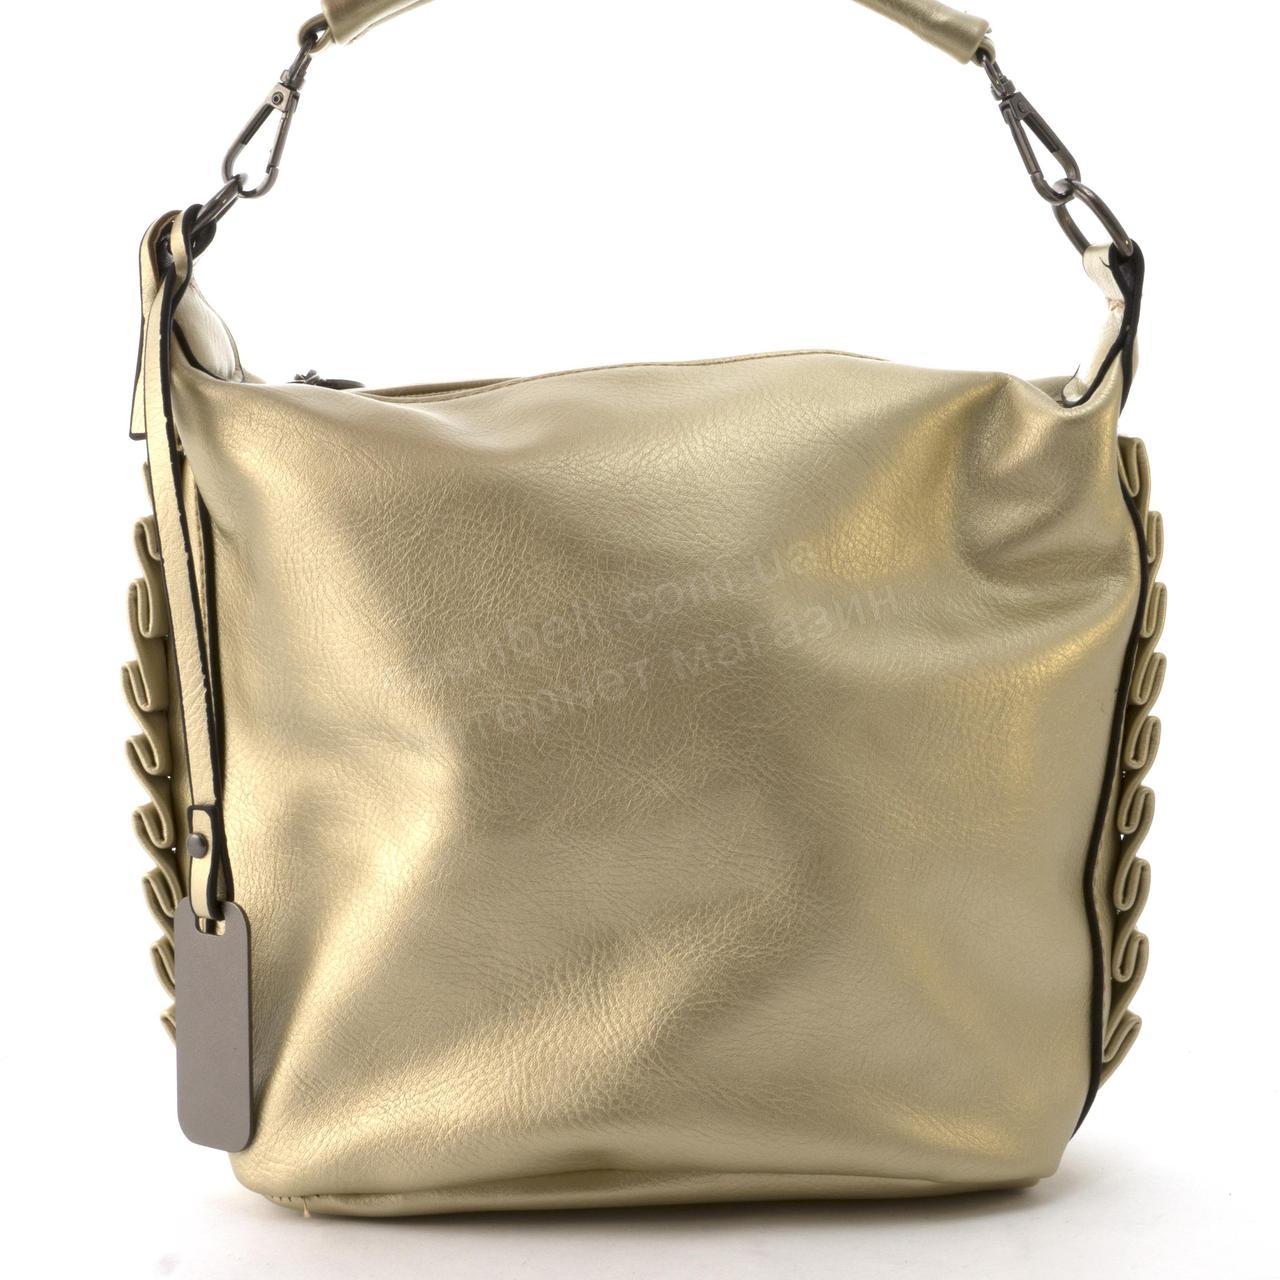 Средняя вместительная женская сумочка из эко кожи art. 890757 золотистая